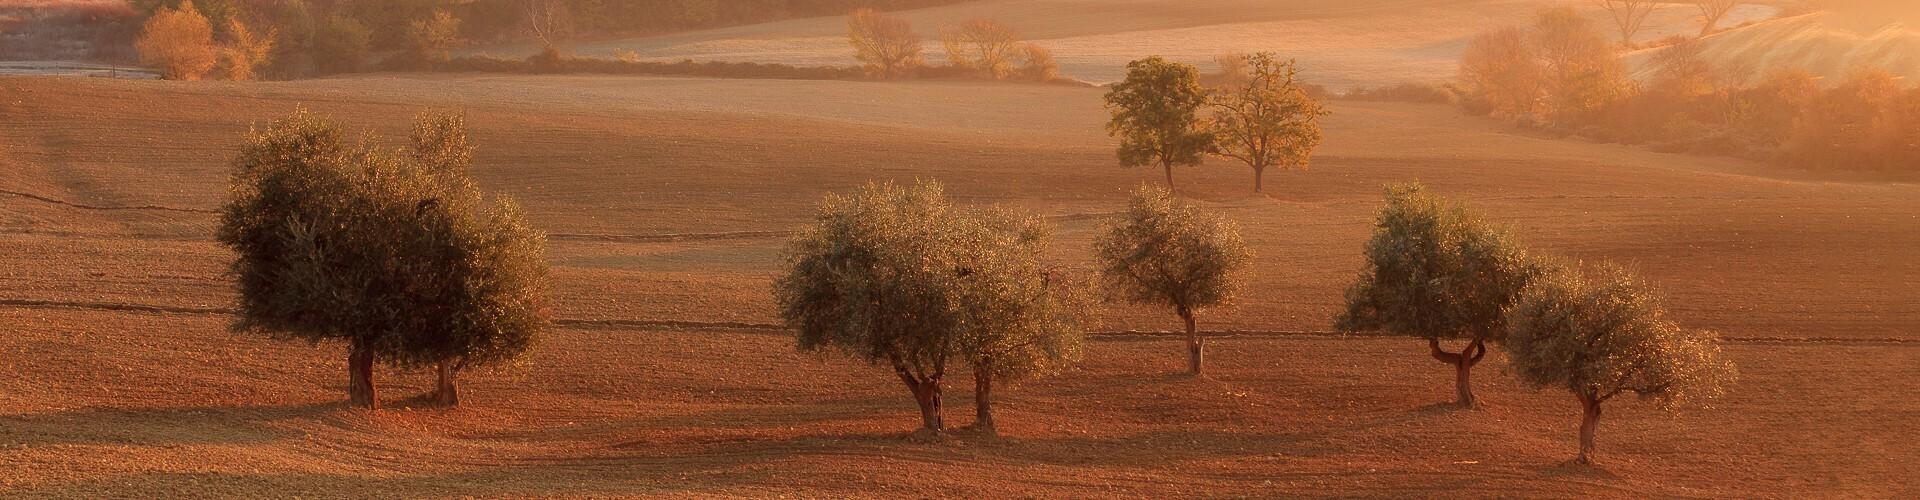 voyage photo couleurs automne vincent frances header